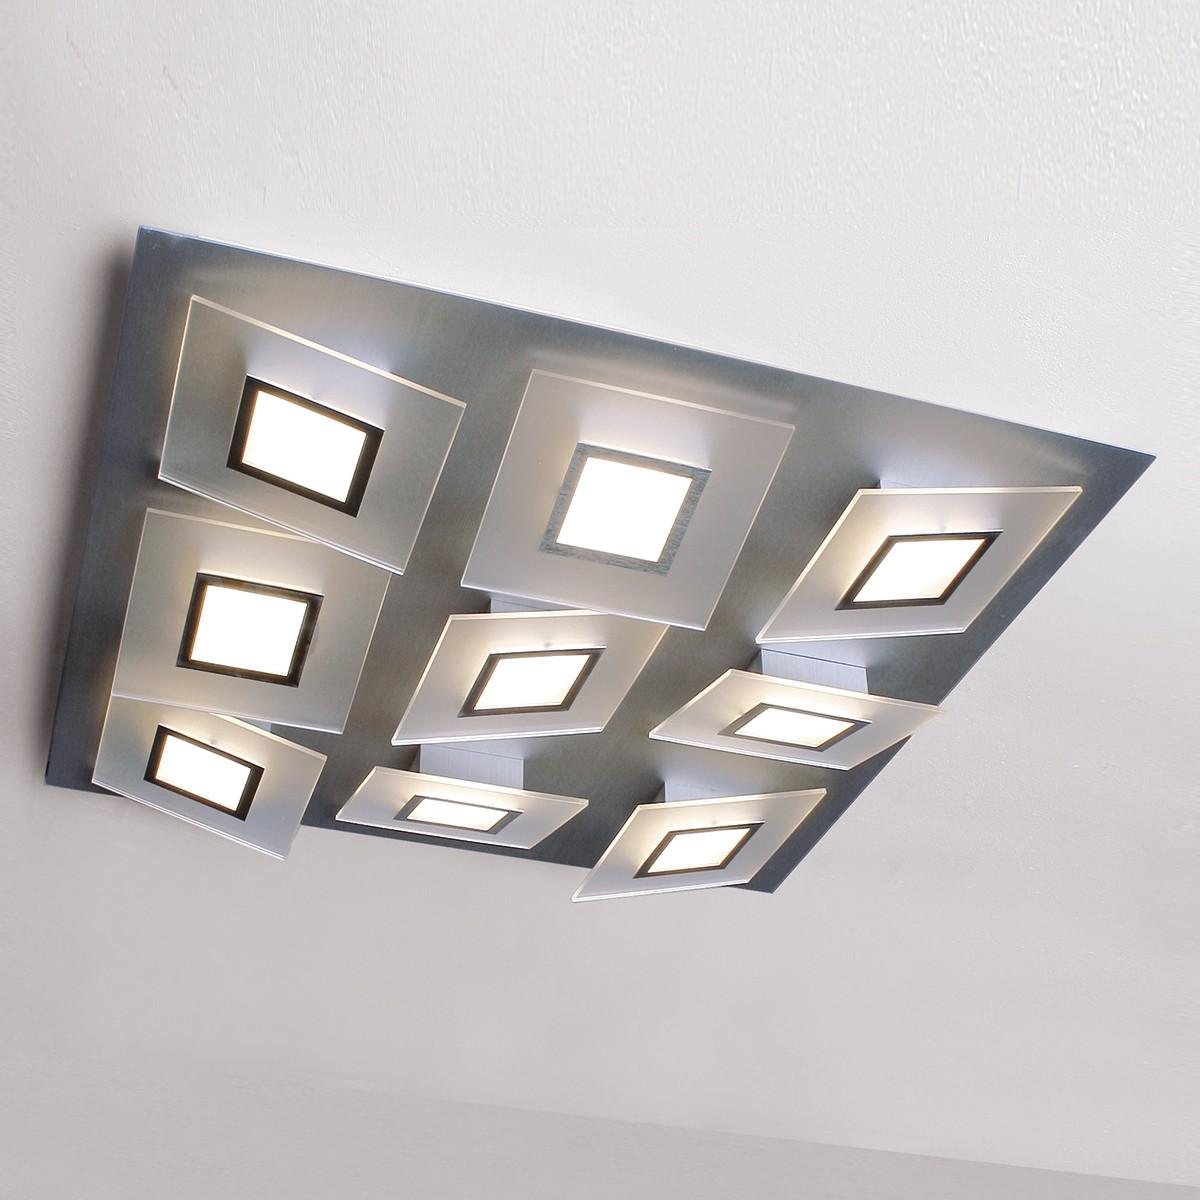 Bopp Frame LED Wand- / Deckenleuchte 9-flg., Aluminium